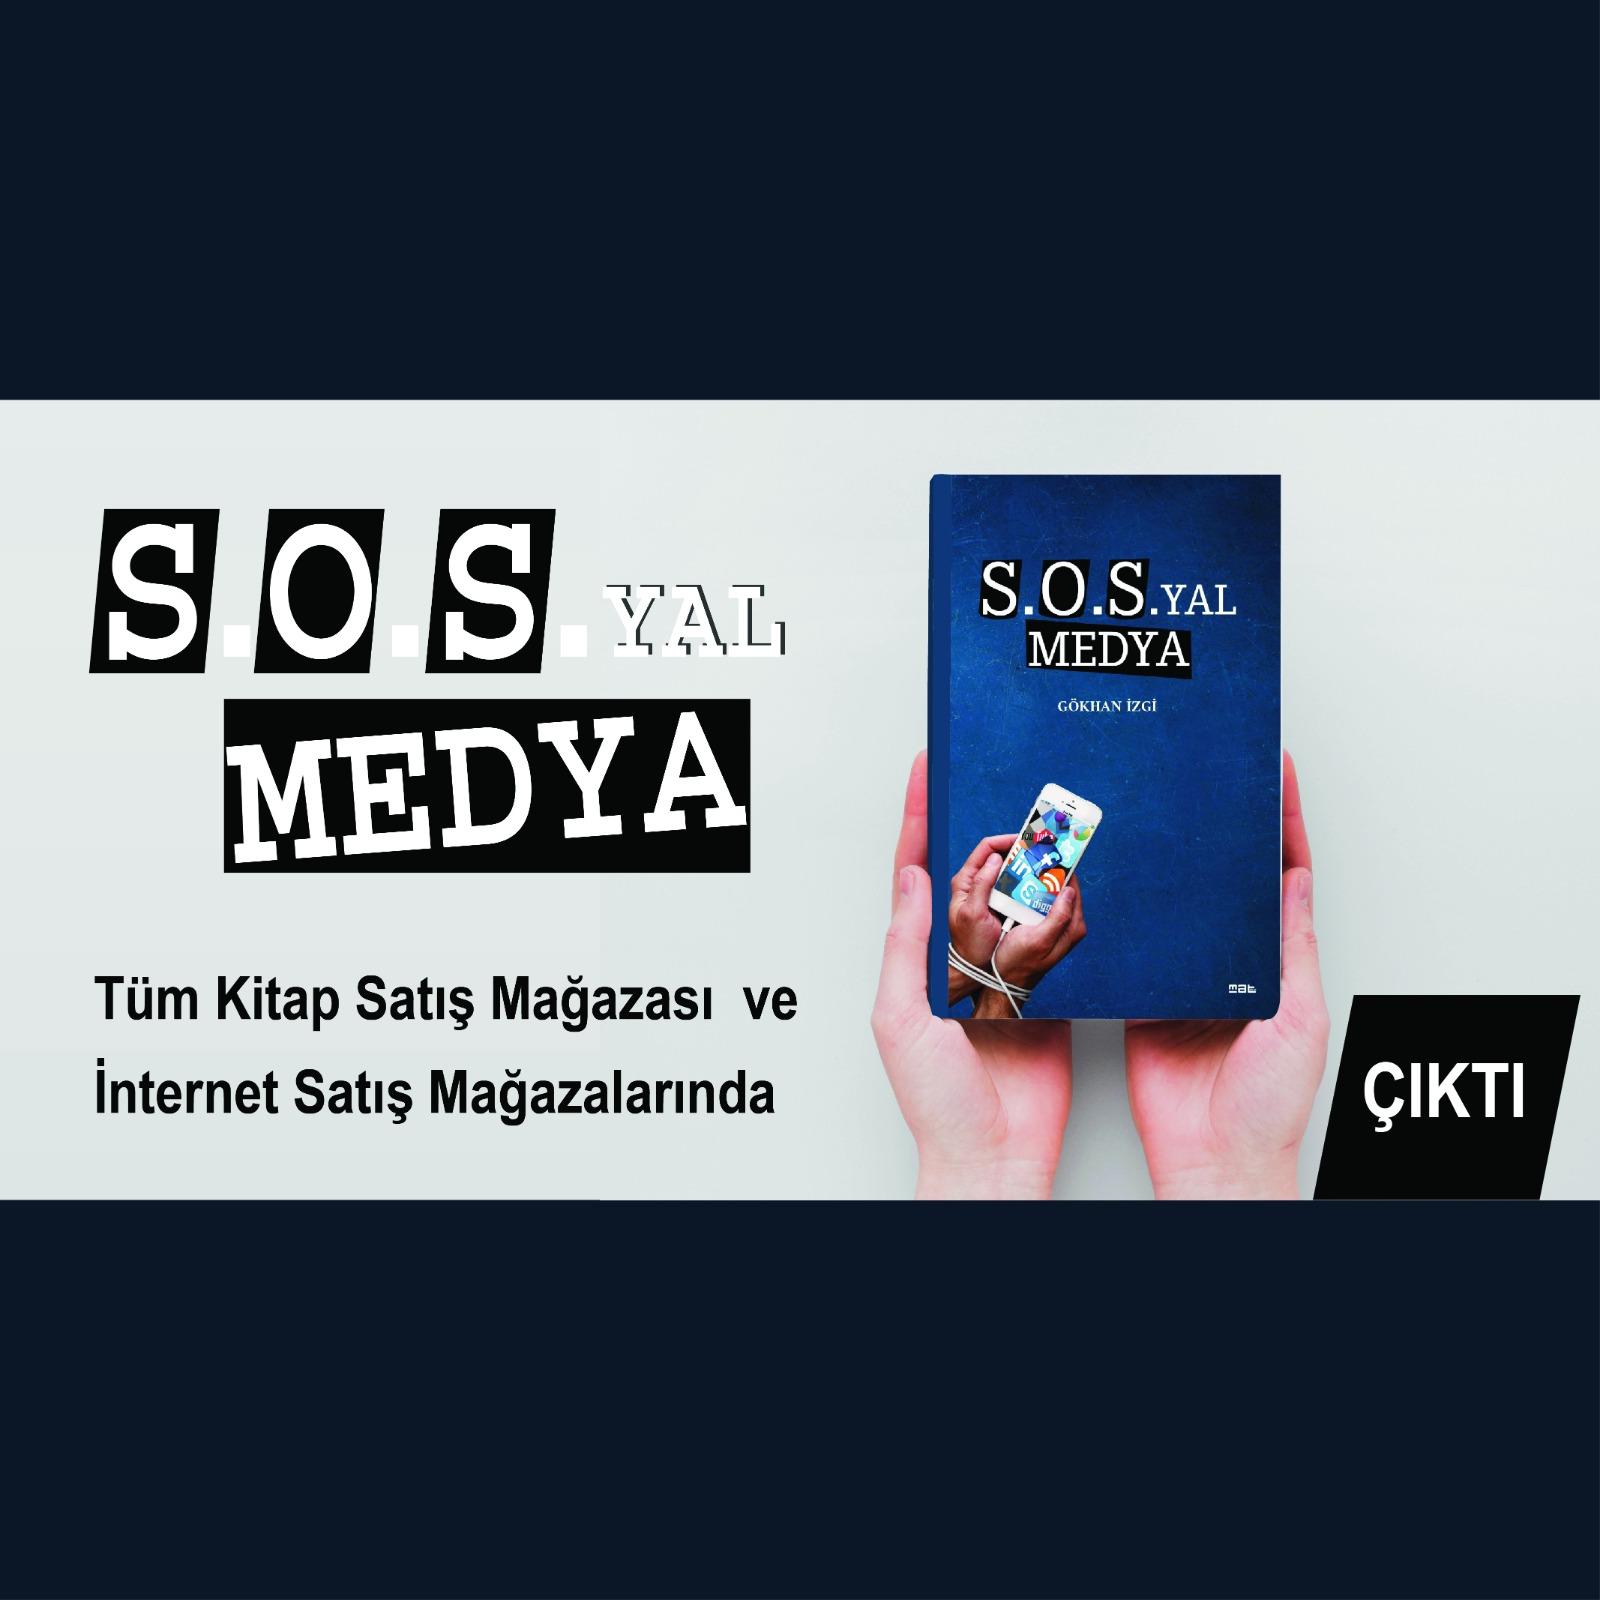 Gazeteci İzgi'nin İlk Kitabı Çıktı: S.O.SYAL Medya